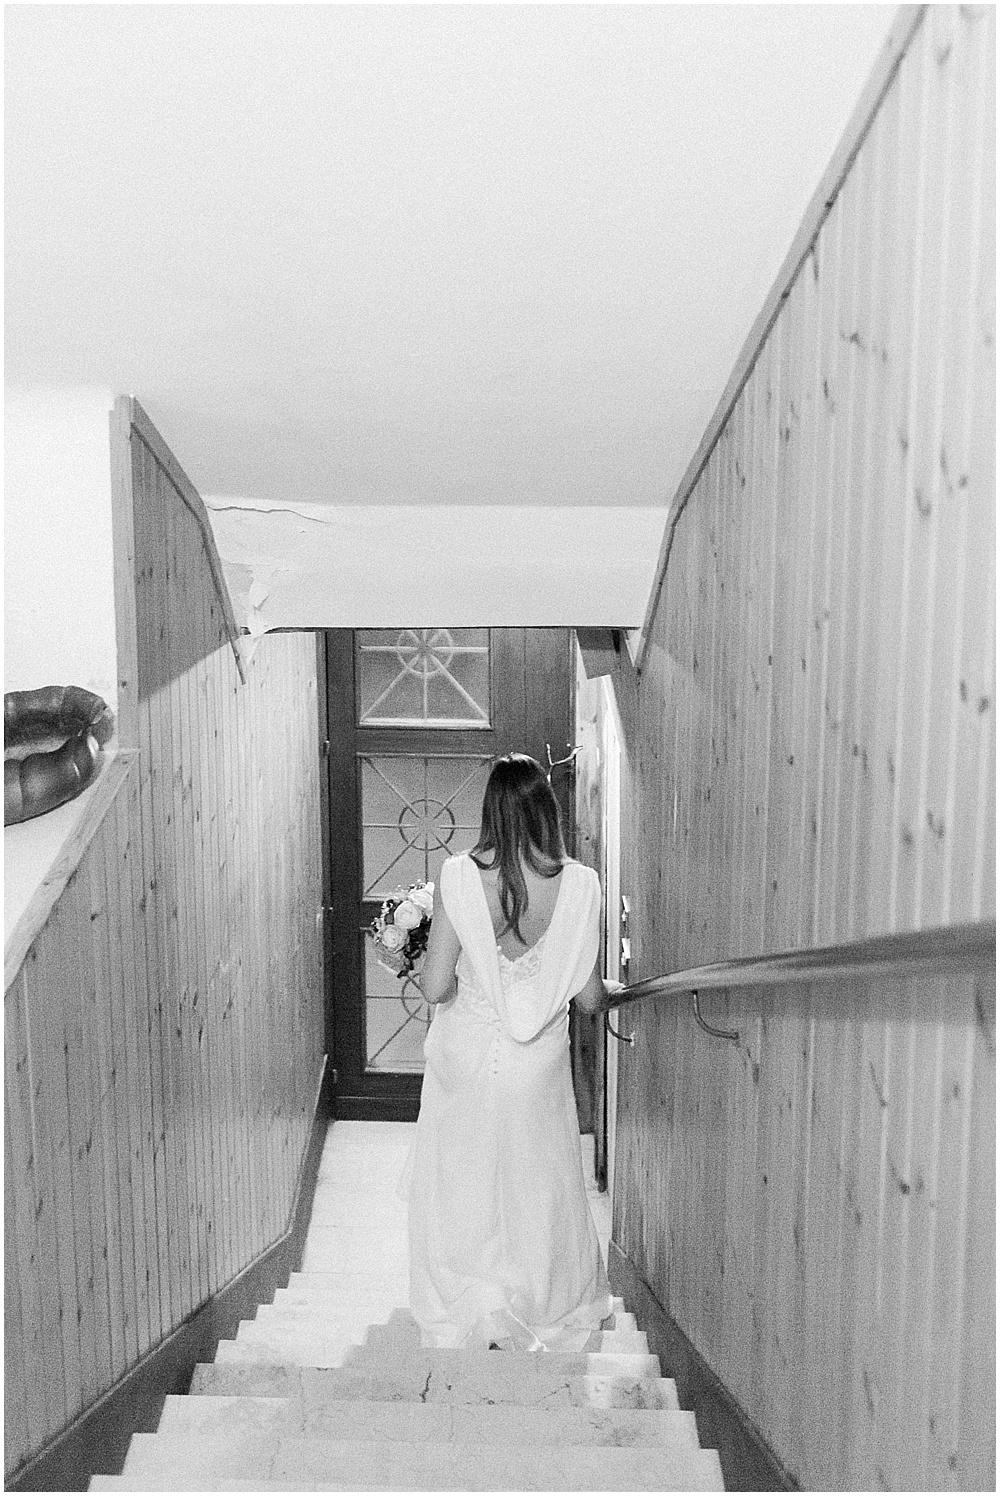 Venice-italy-wedding-photographer-stefano-degirmenci_0528.jpg